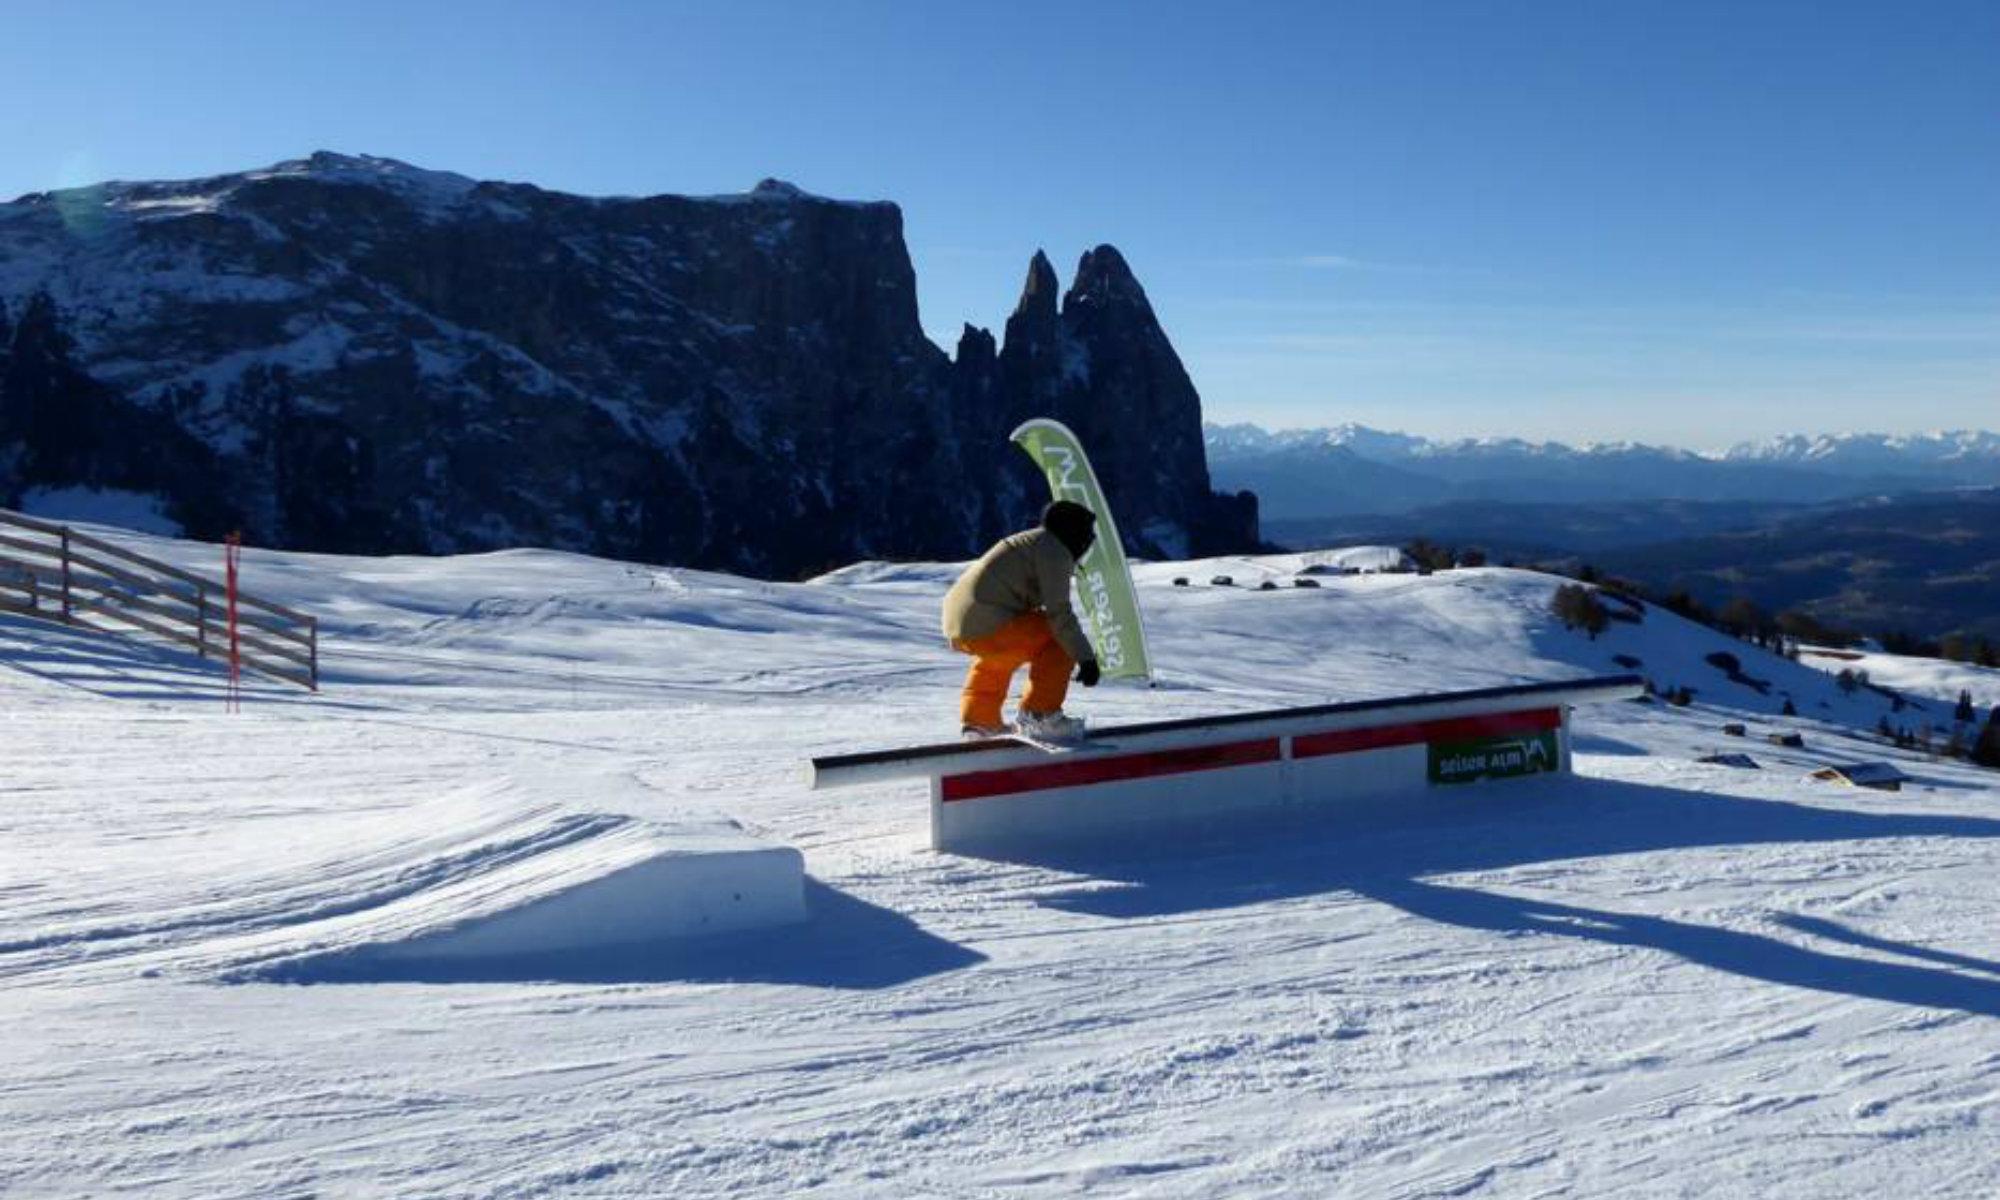 Un rider si allena con la sua tavola da snowboard su uno degli ostacoli offerti dallo Snowpark Alpe di Siusi.